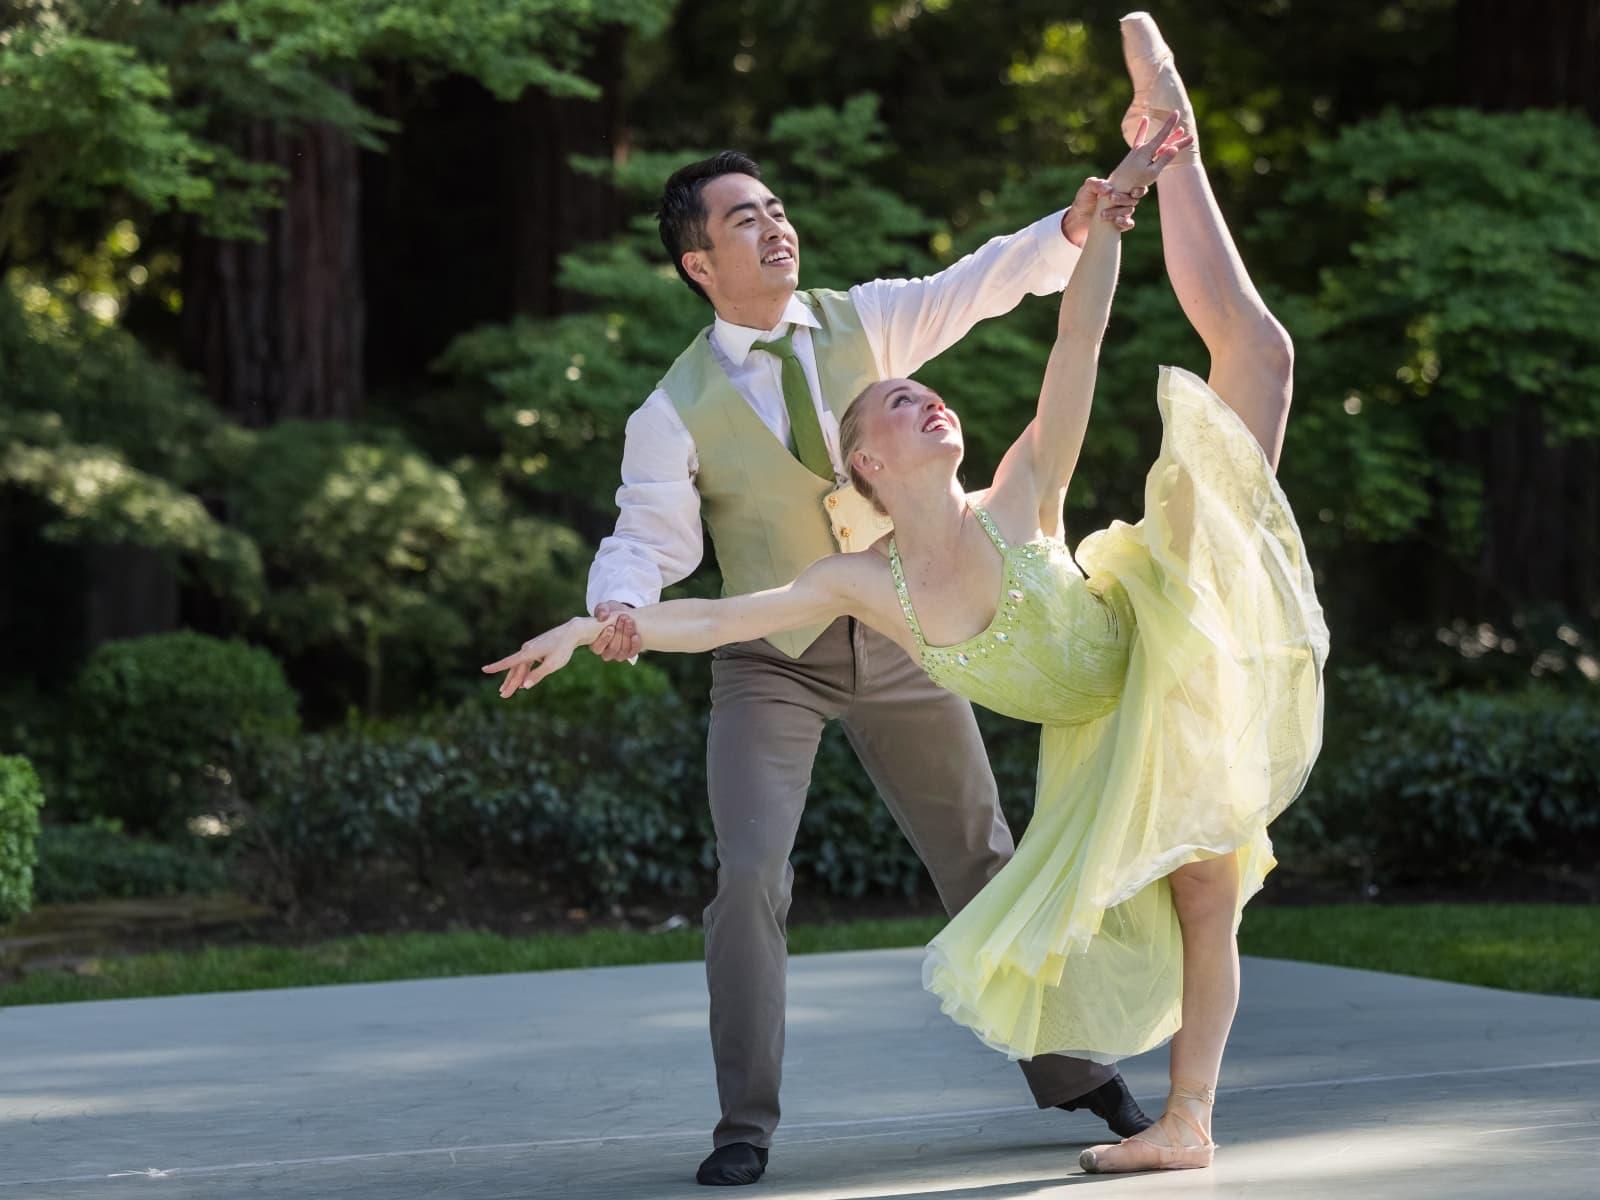 Lauren dancing with Meng.